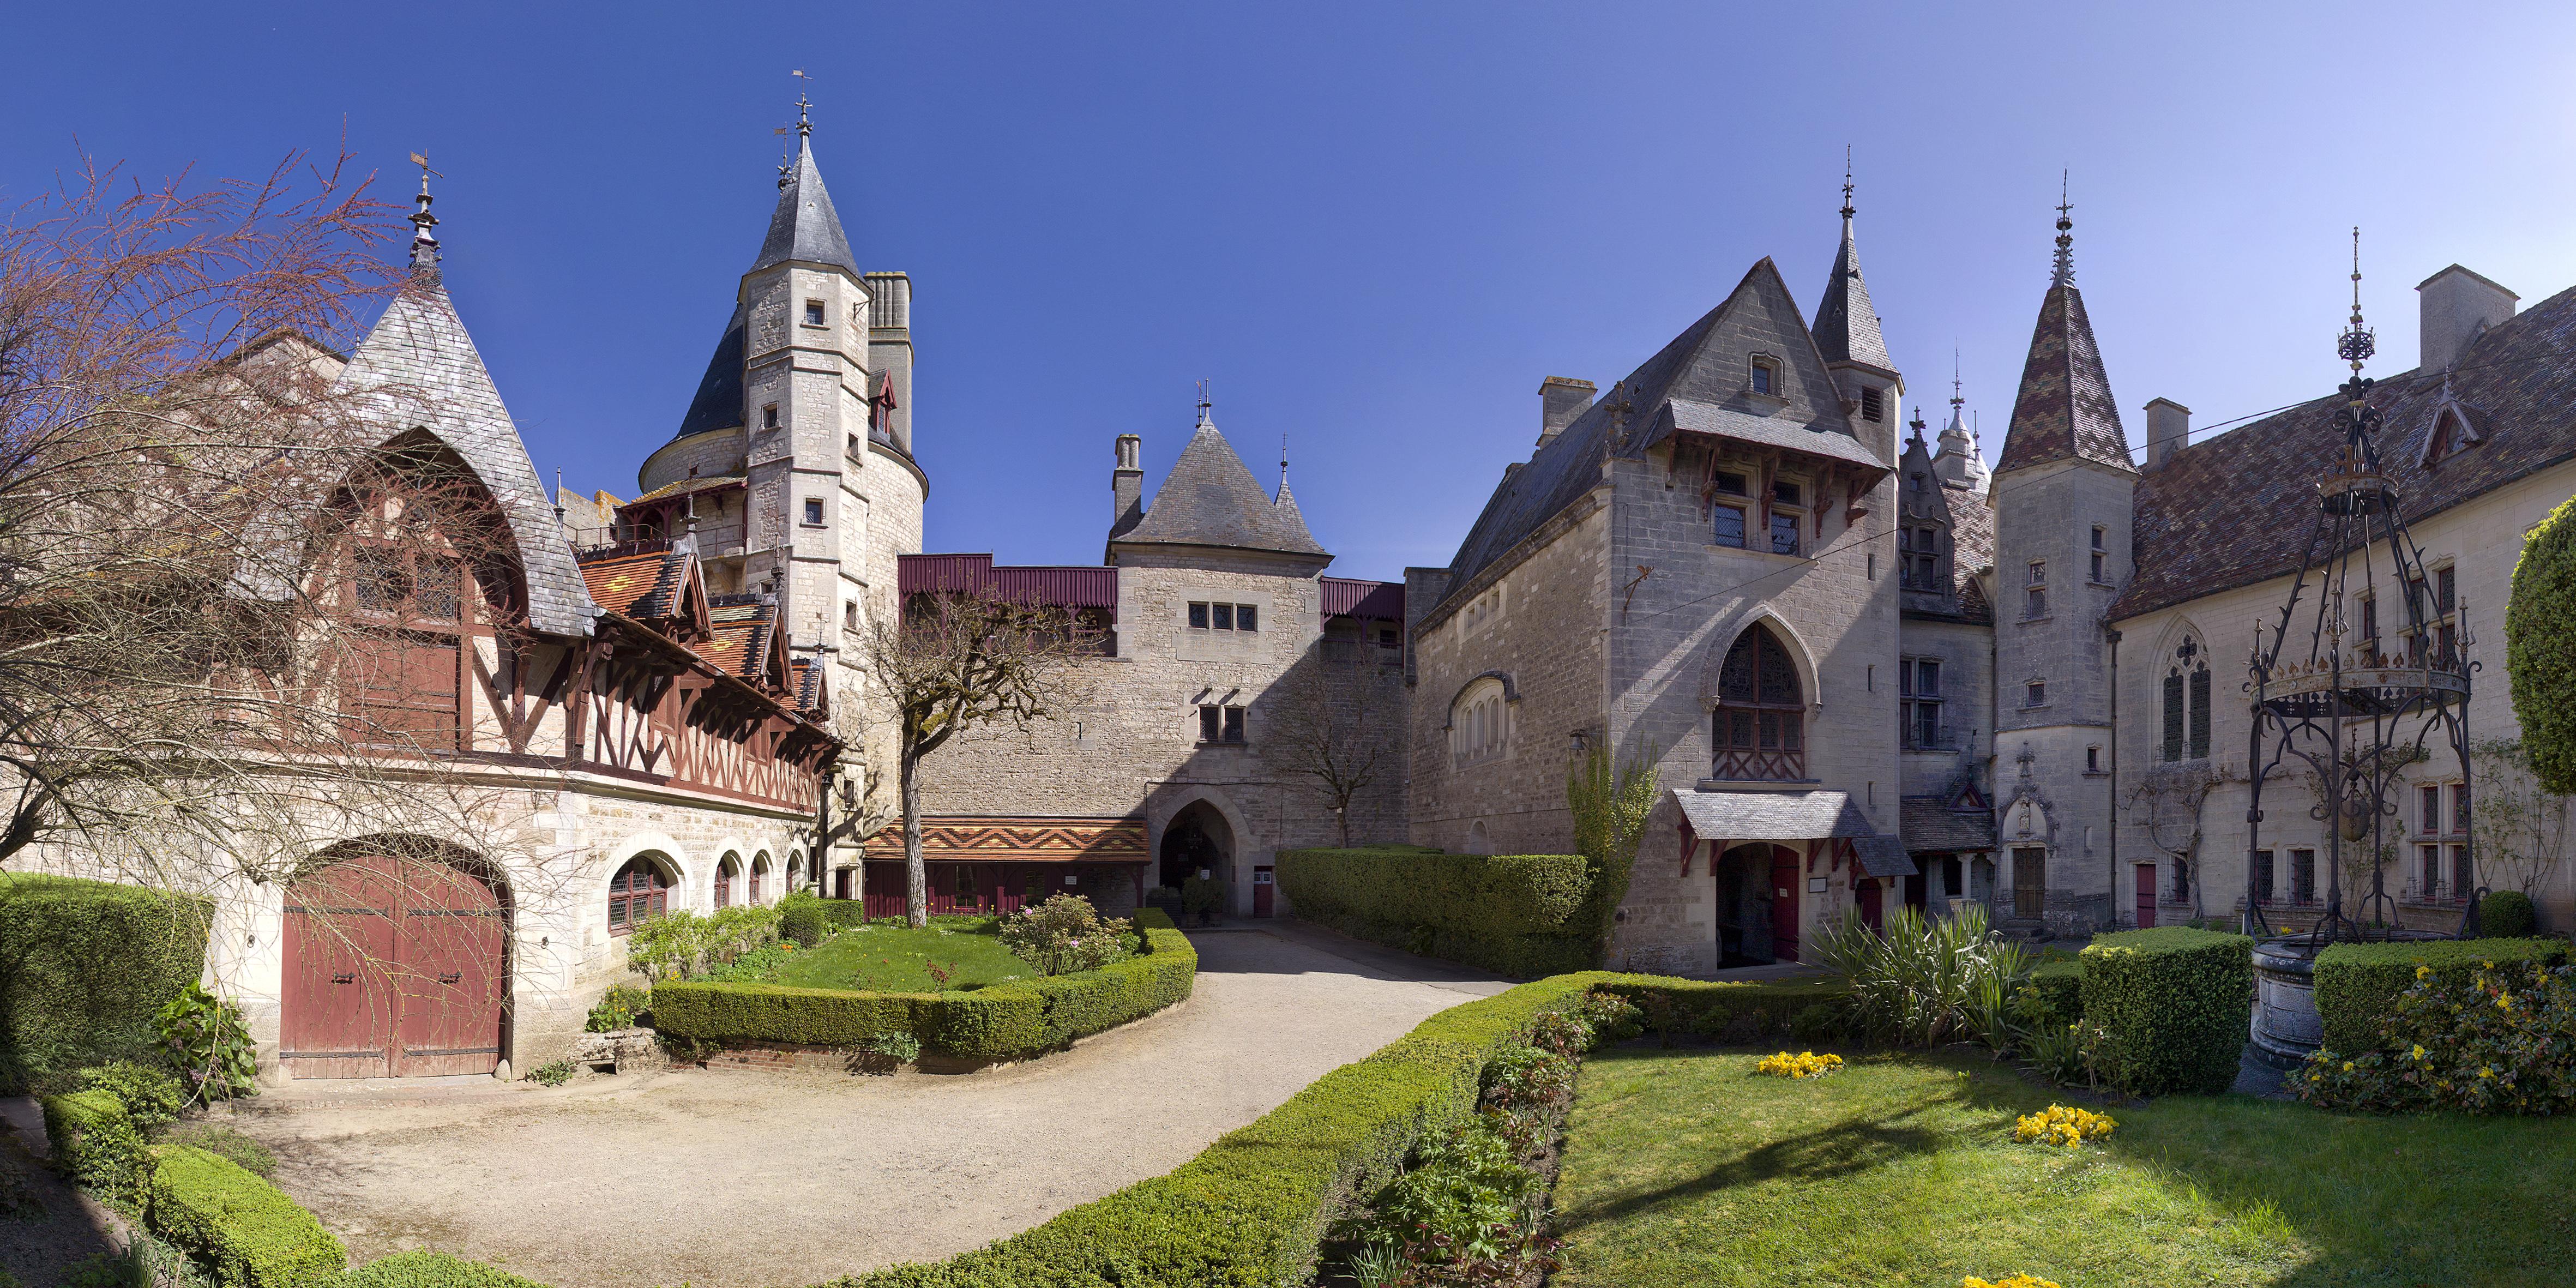 Château_de_la_Rochepot_-_Beaune_Tourisme